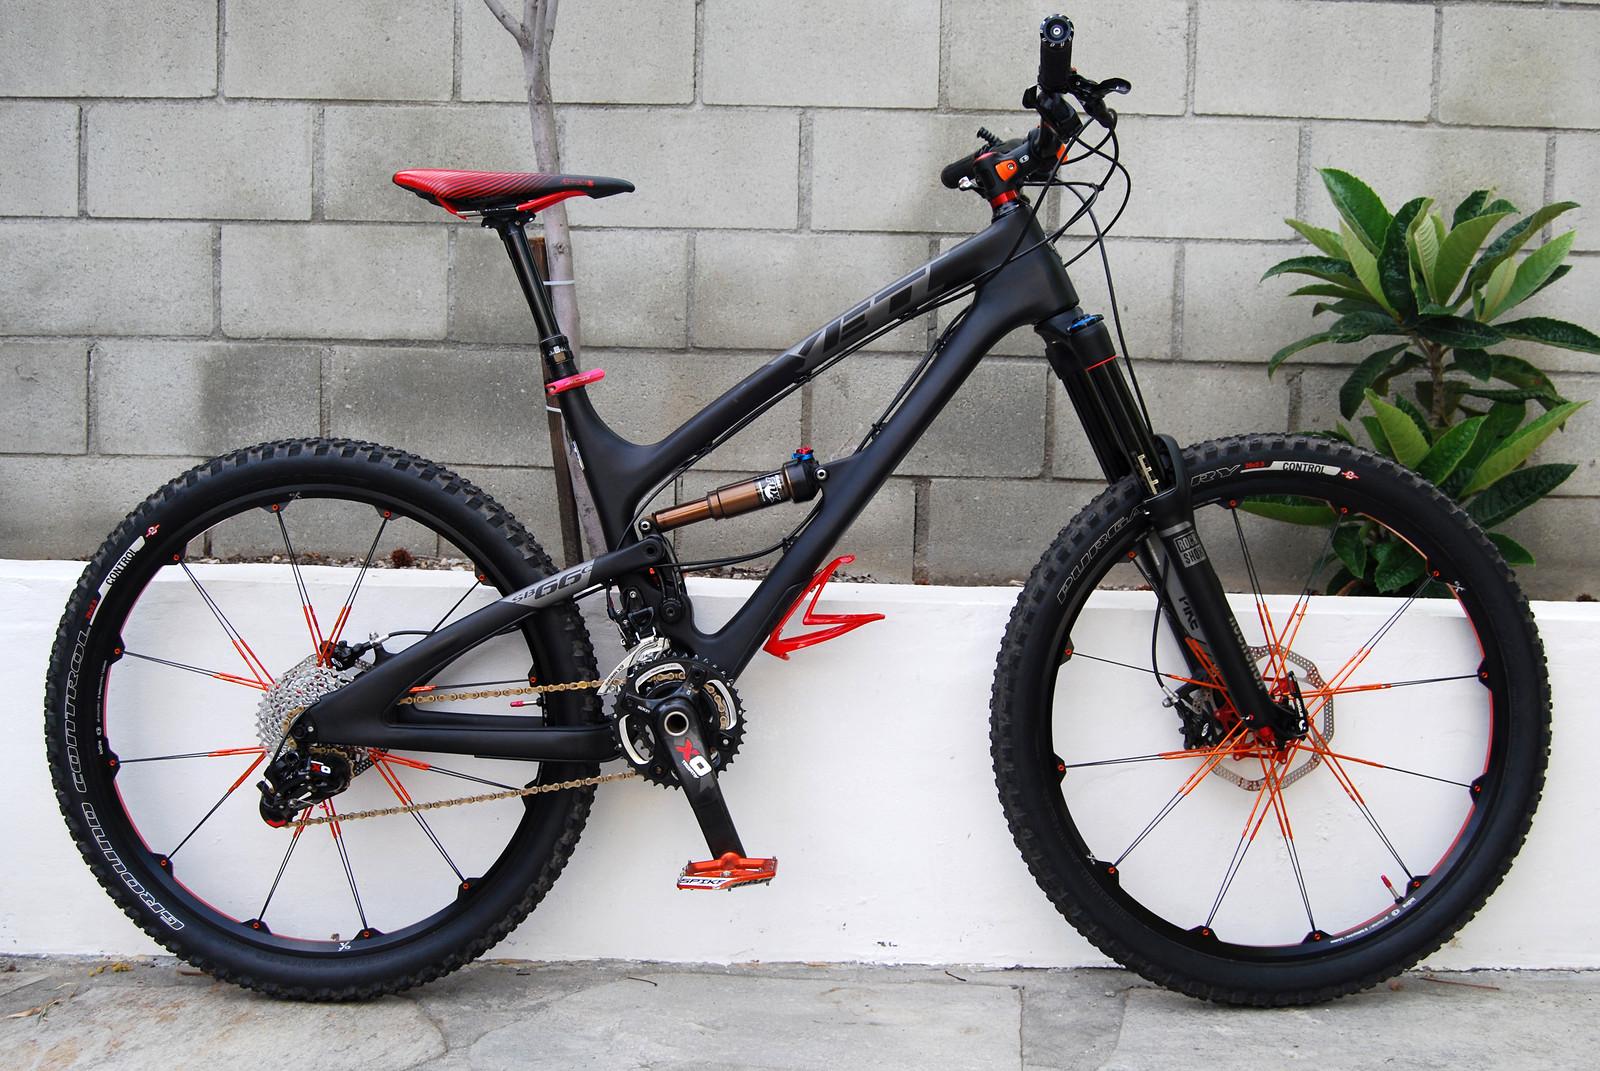 2013 Yeti SB66 - Carbon